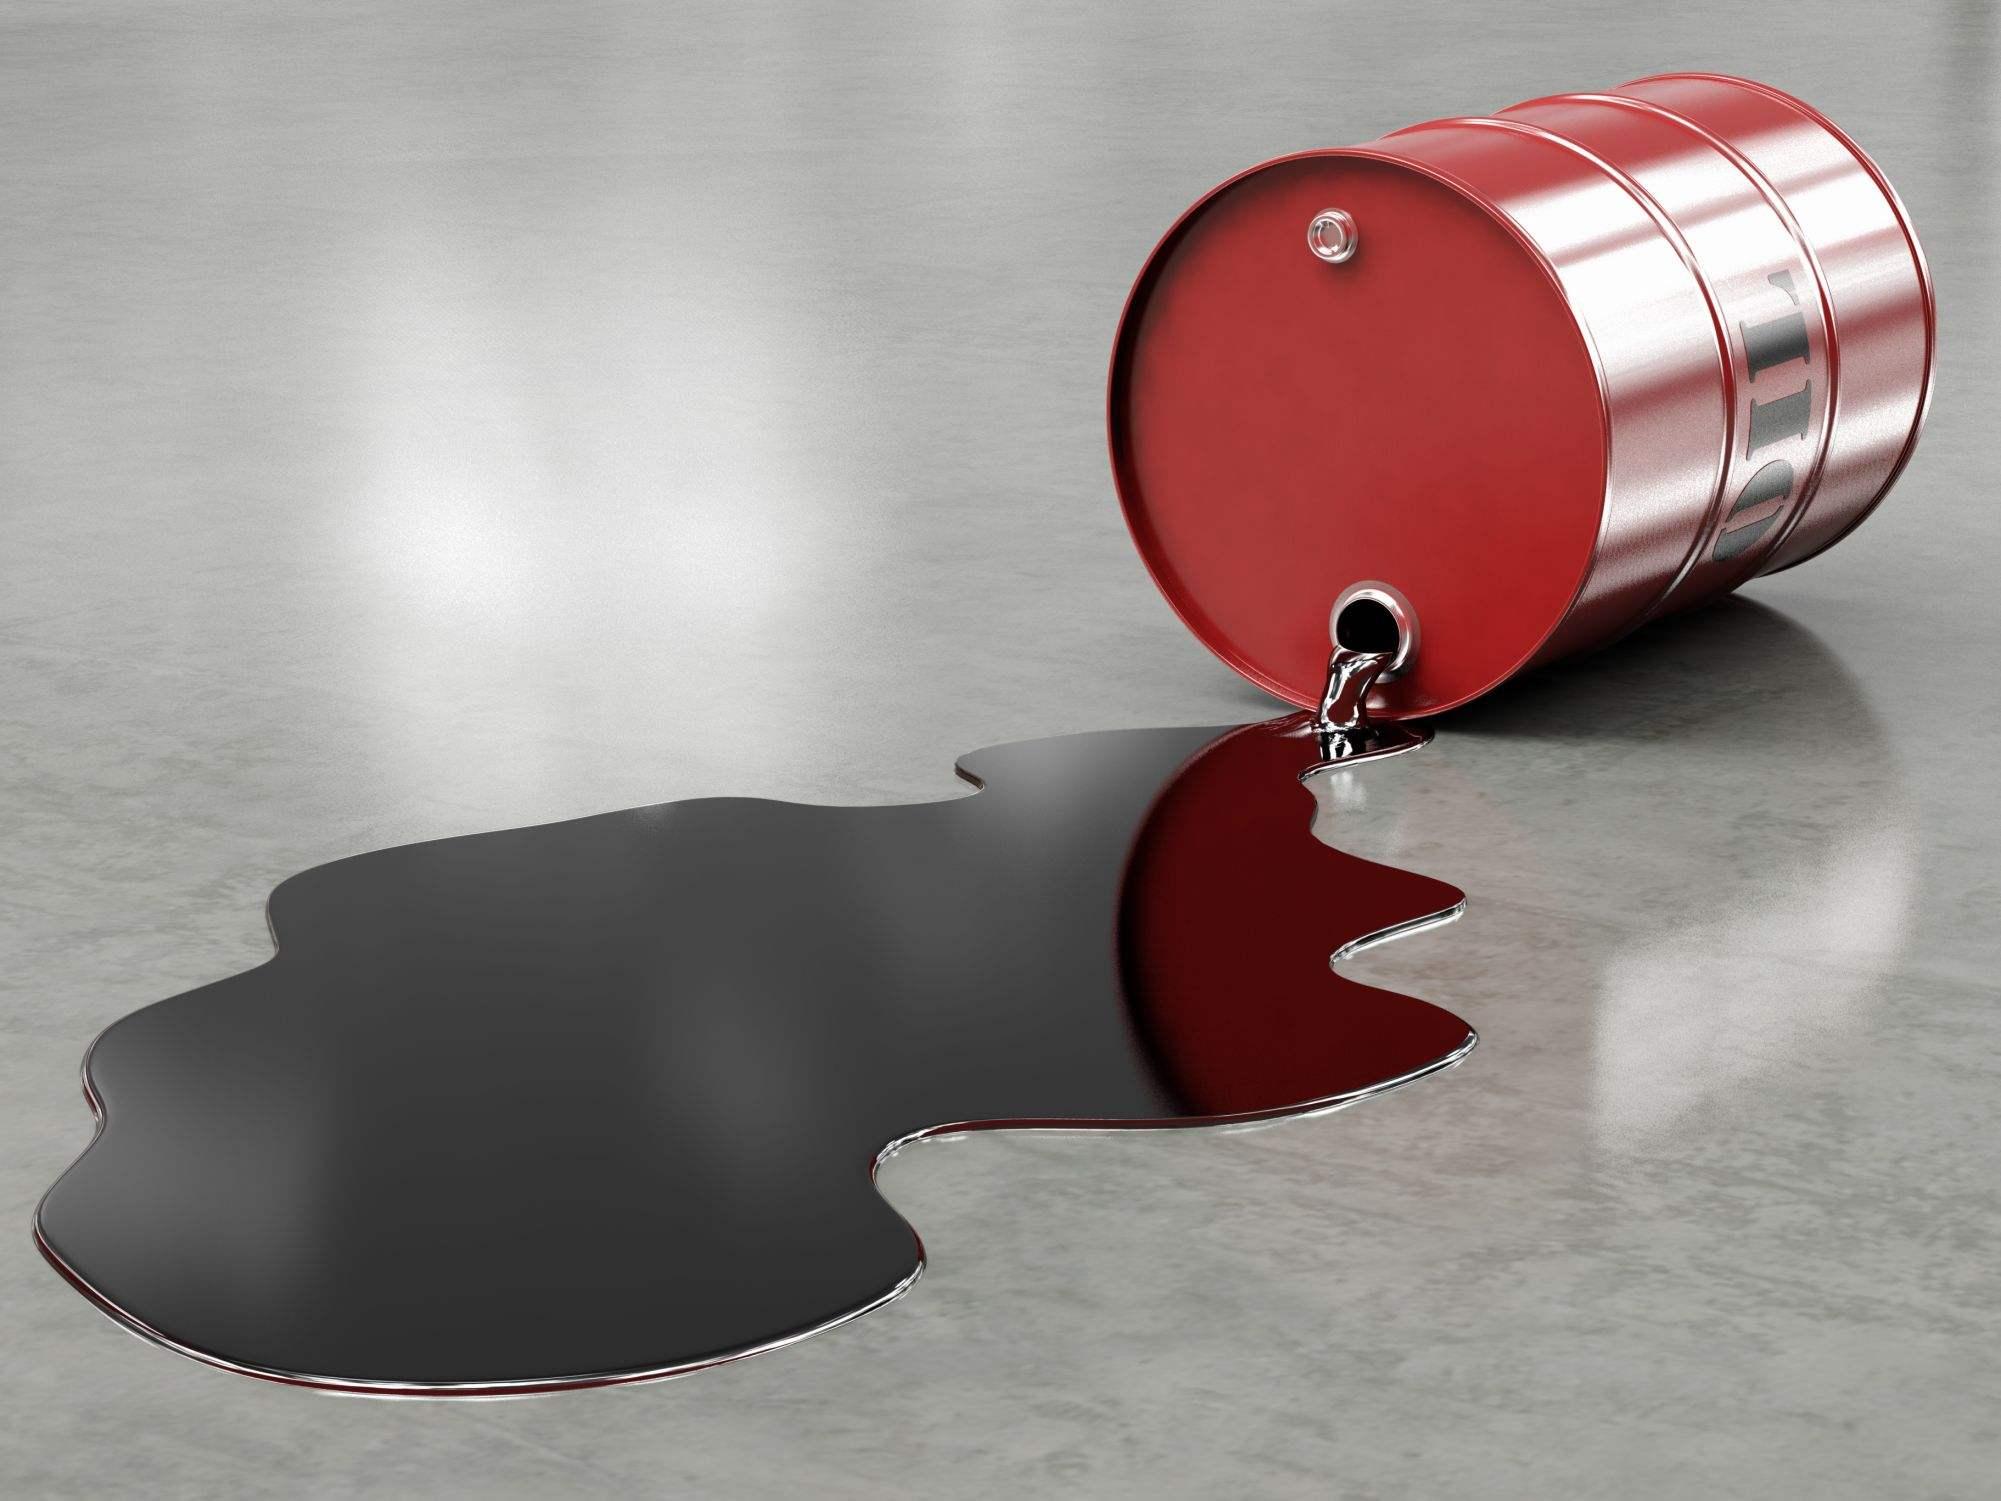 孰强孰弱? 美国原油库存PK欧佩克会议减产